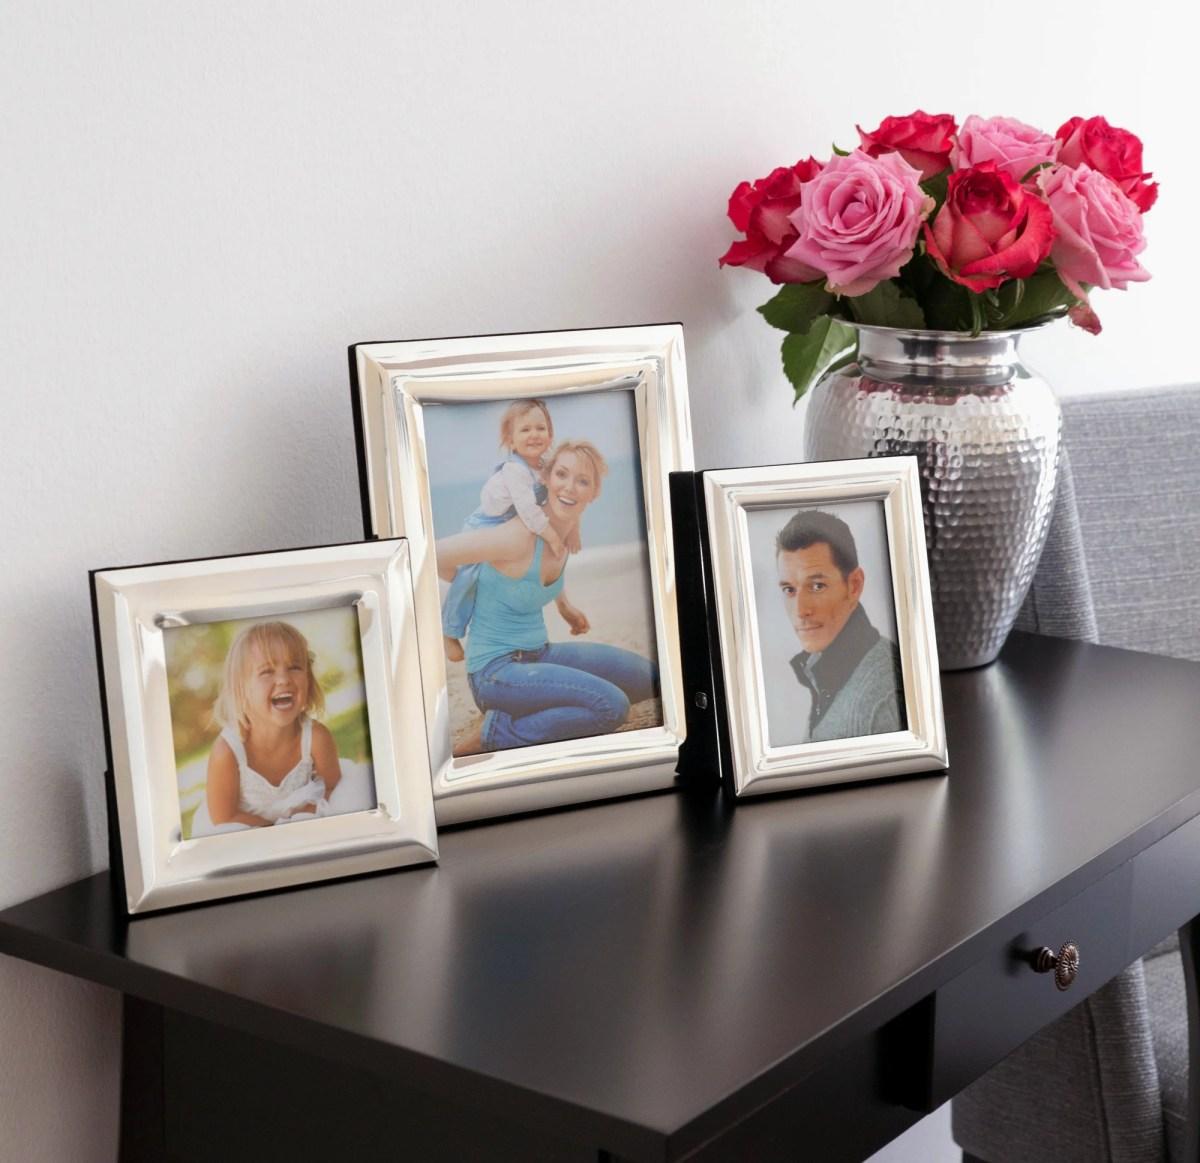 4787 Fotorahmen Bilderrahmen Gela für Foto 10 x 15 cm, edel versilbert, anlaufgeschützt, mit 2 Aufhängern